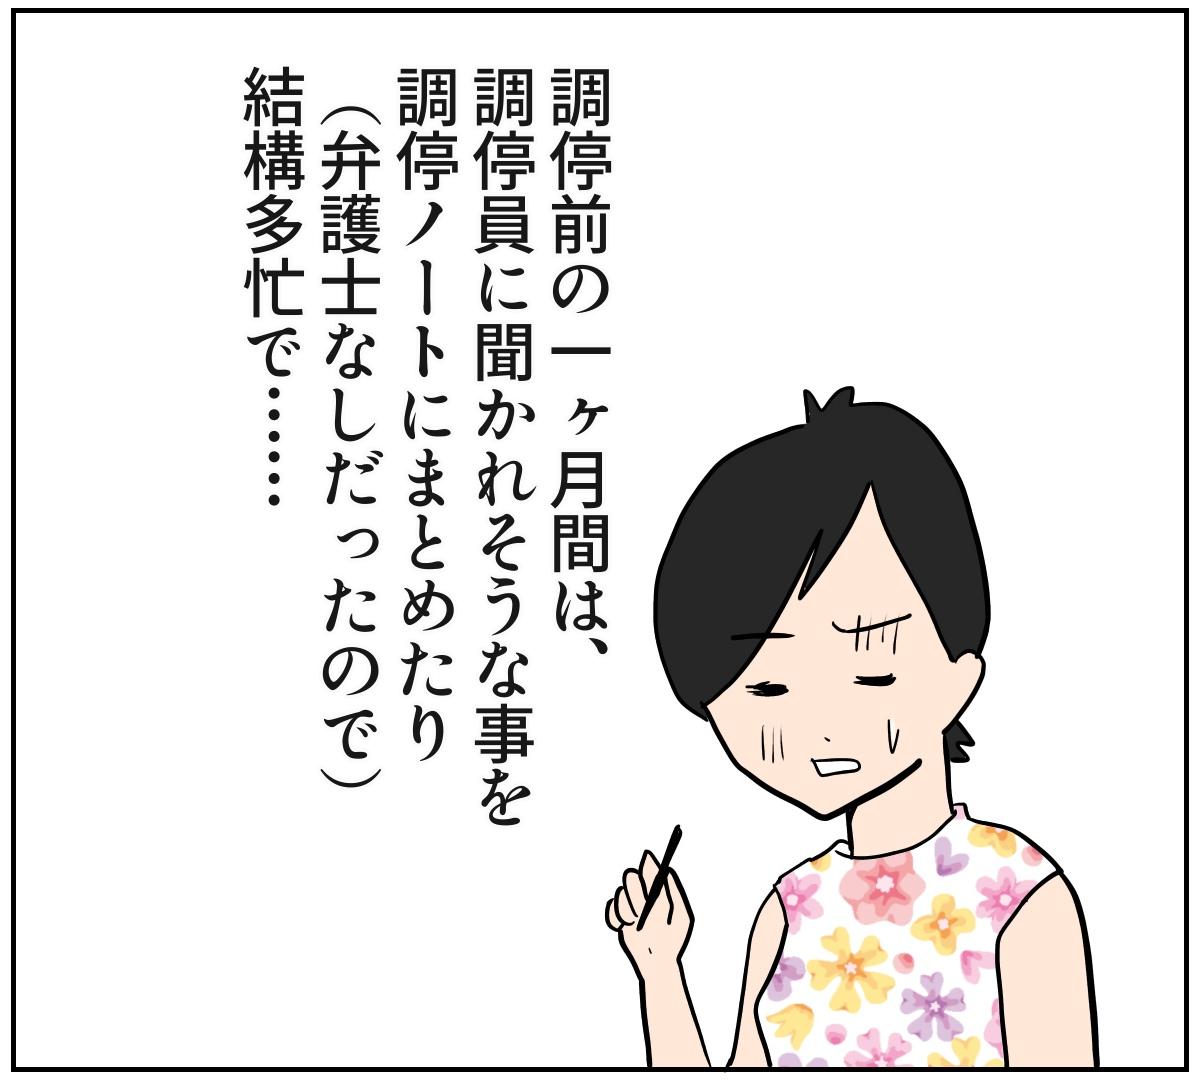 f:id:kaco-matsu:20190811183156j:plain